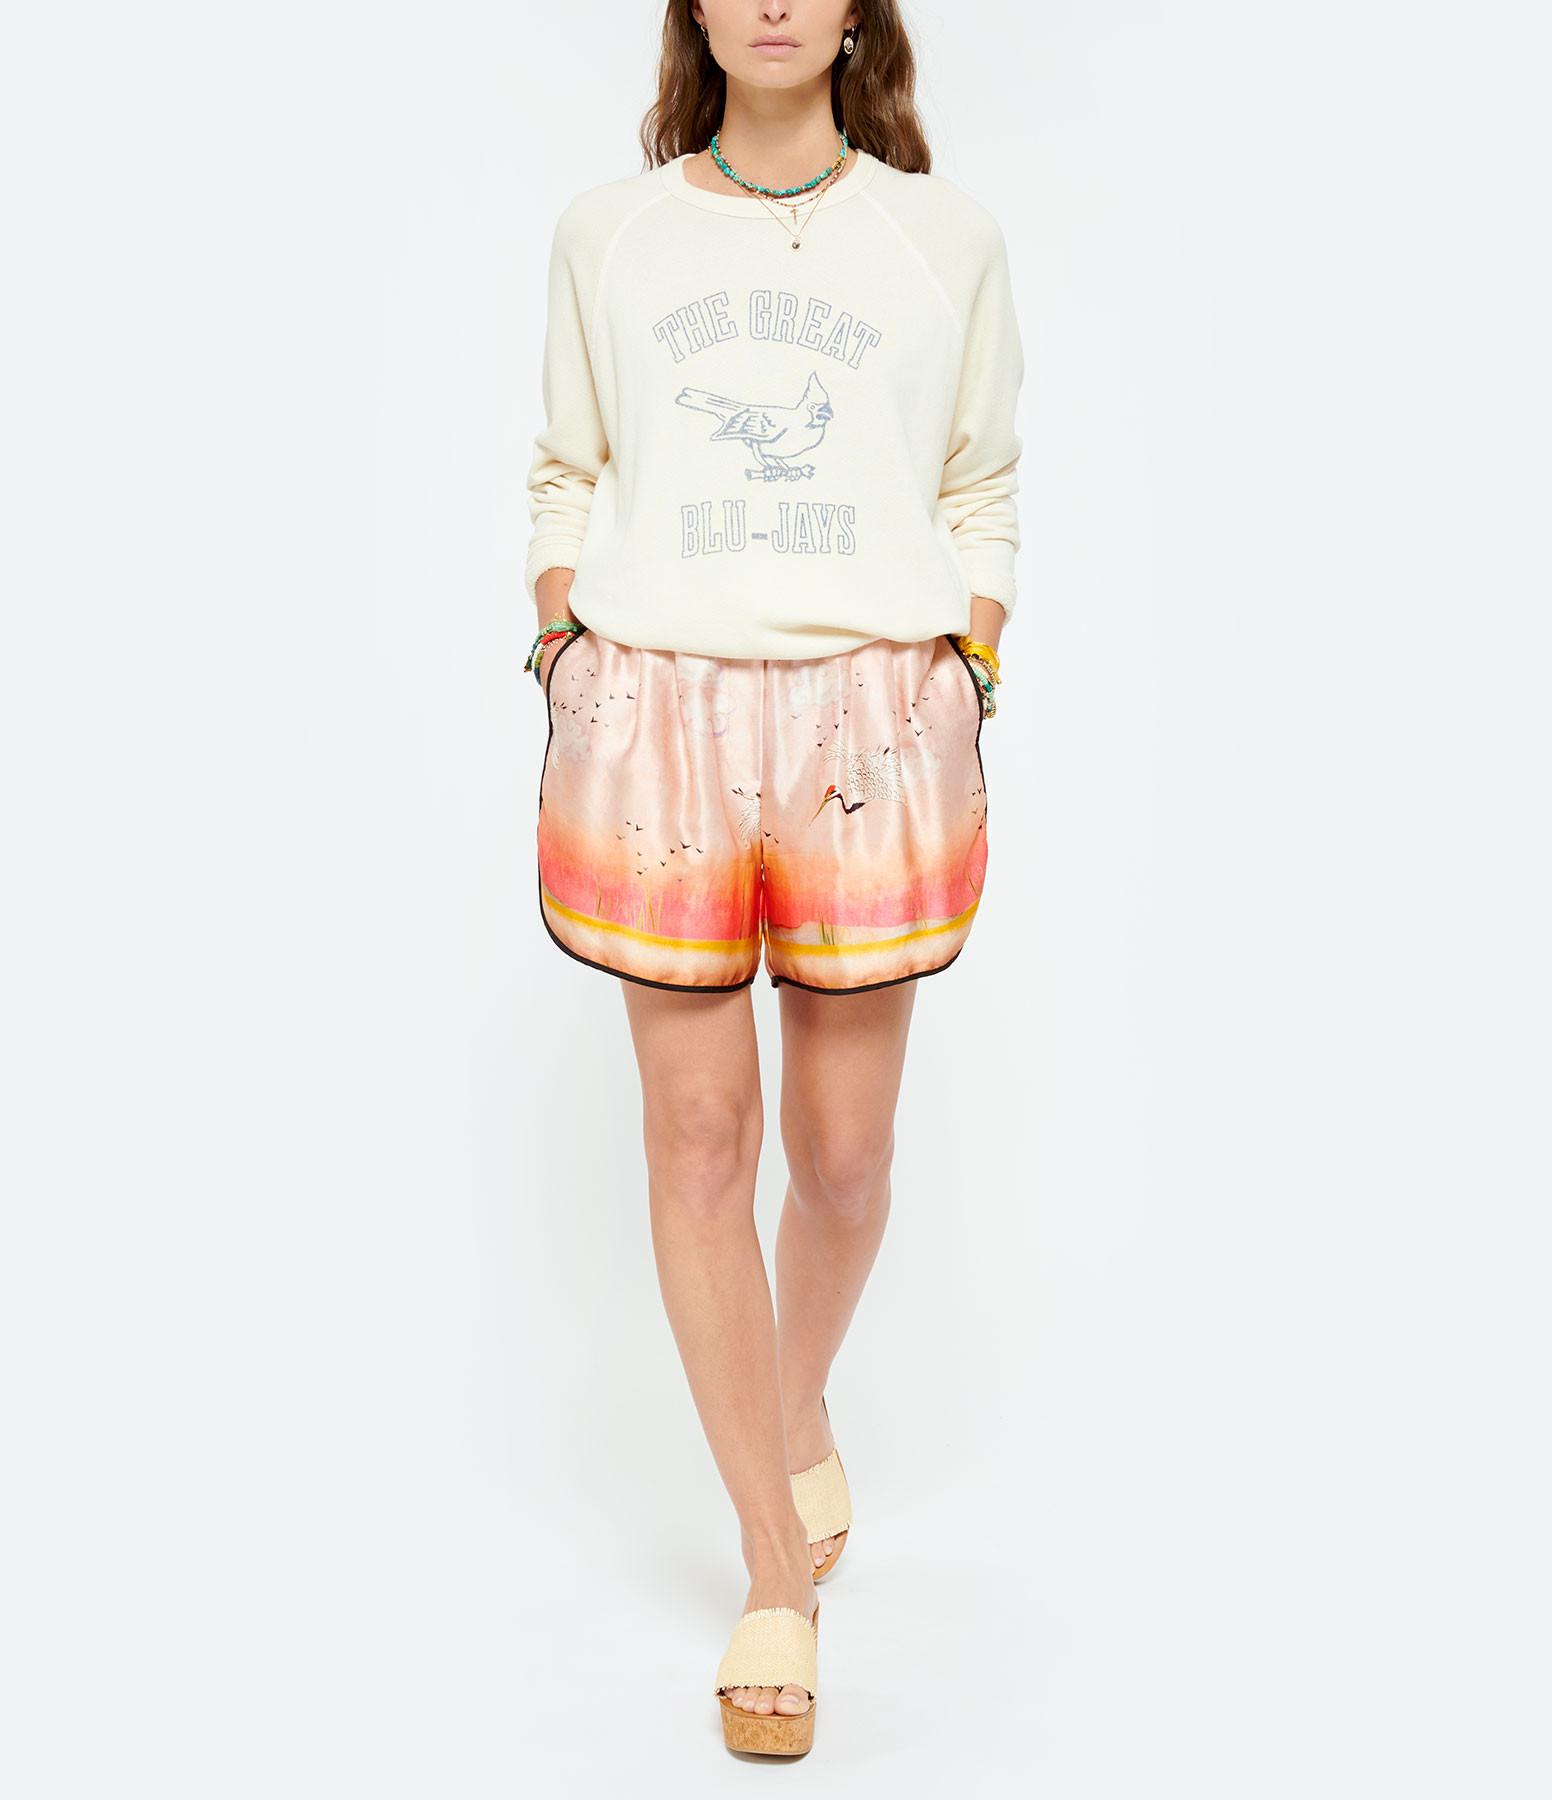 THE GREAT - Sweatshirt The College Coton Blanc Délavé